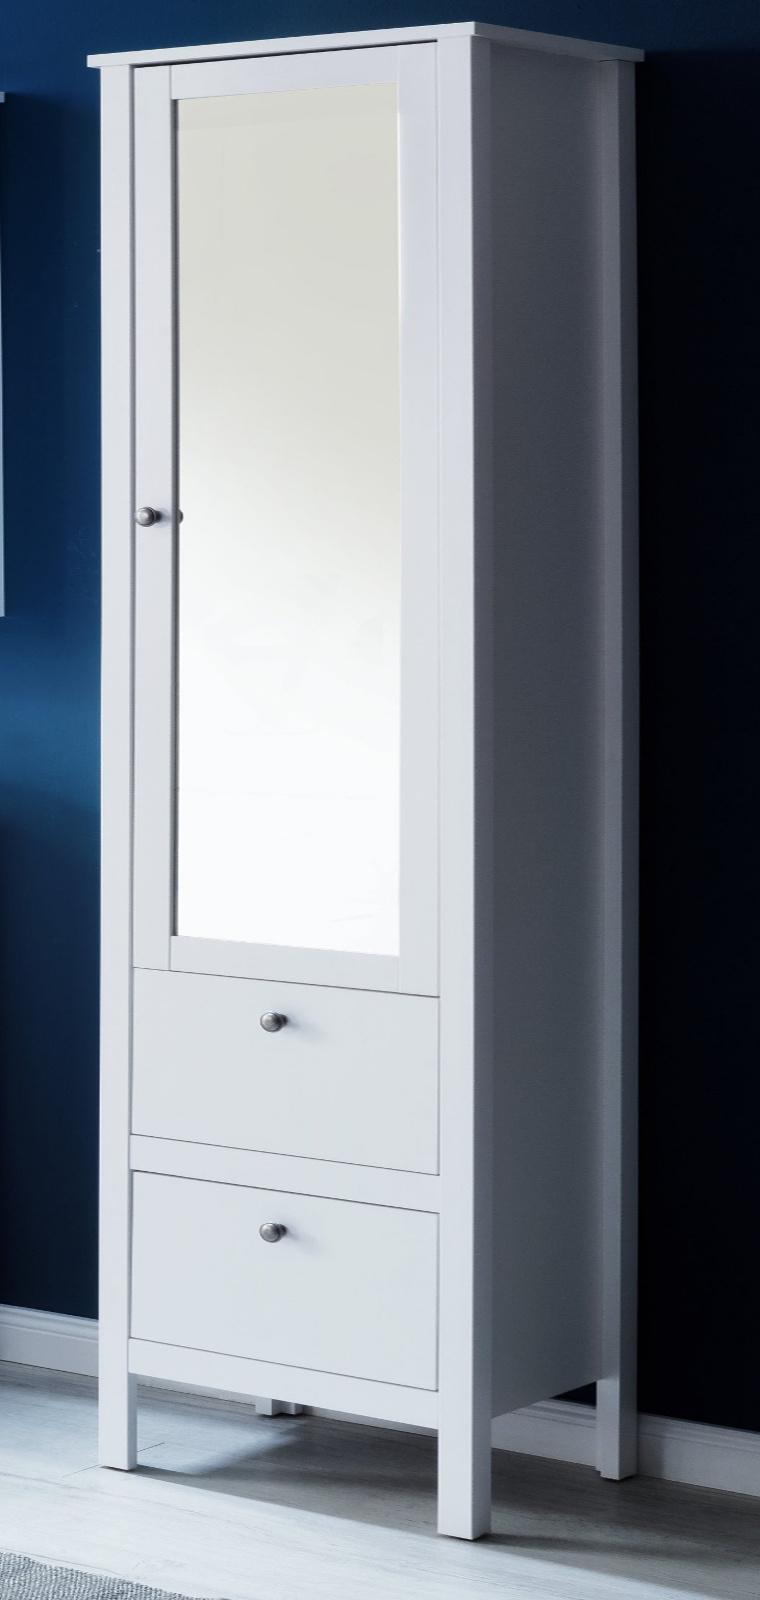 Badezimmer Hochschrank Ole in weiß 18 x 18 cm Badmöbel mit Spiegeltür